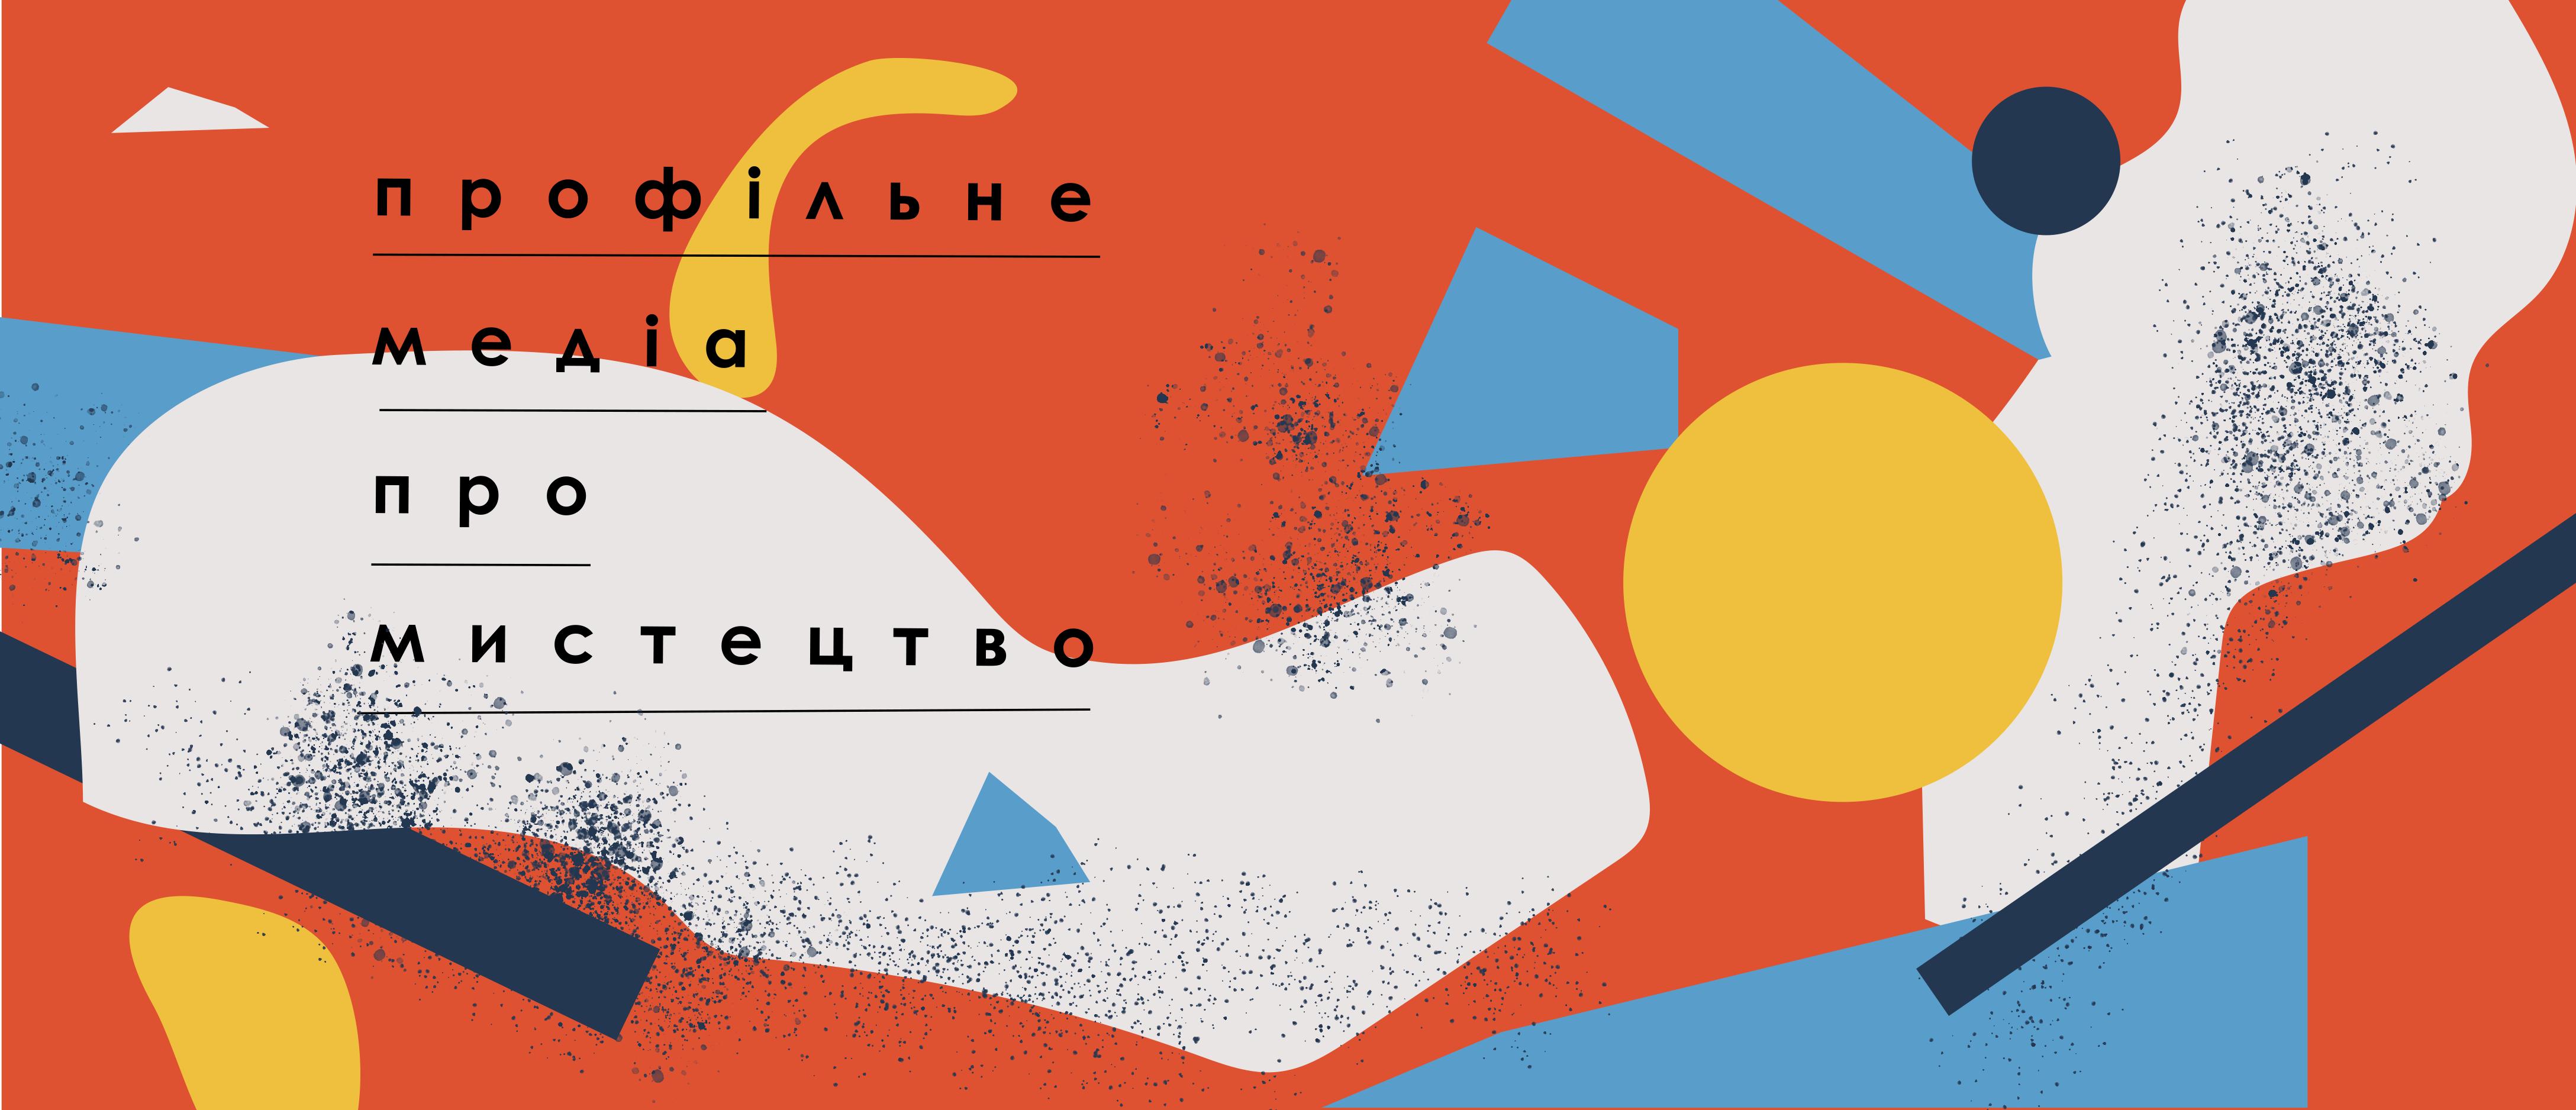 В Україні відкрили нове медіа про мистецтво